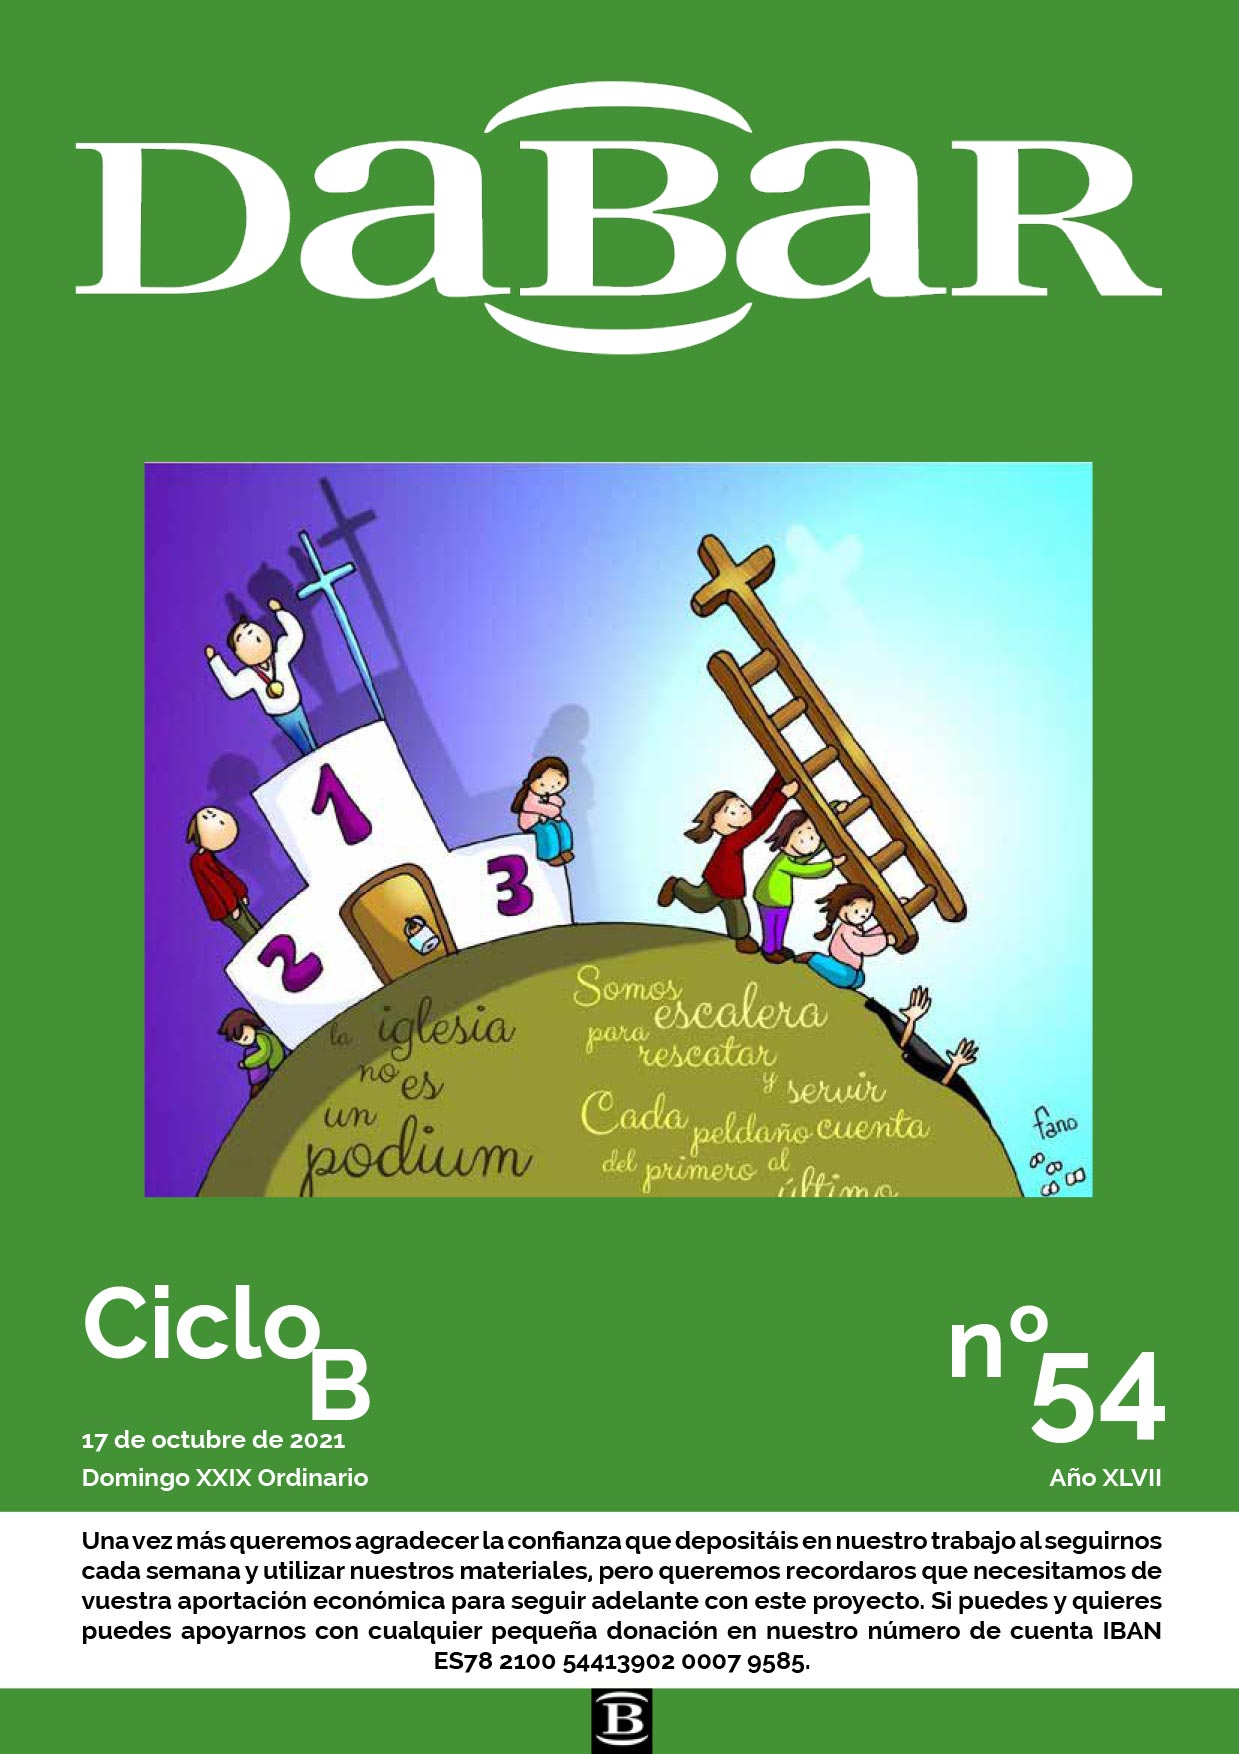 Dabar Revista numero 54 ciclo B